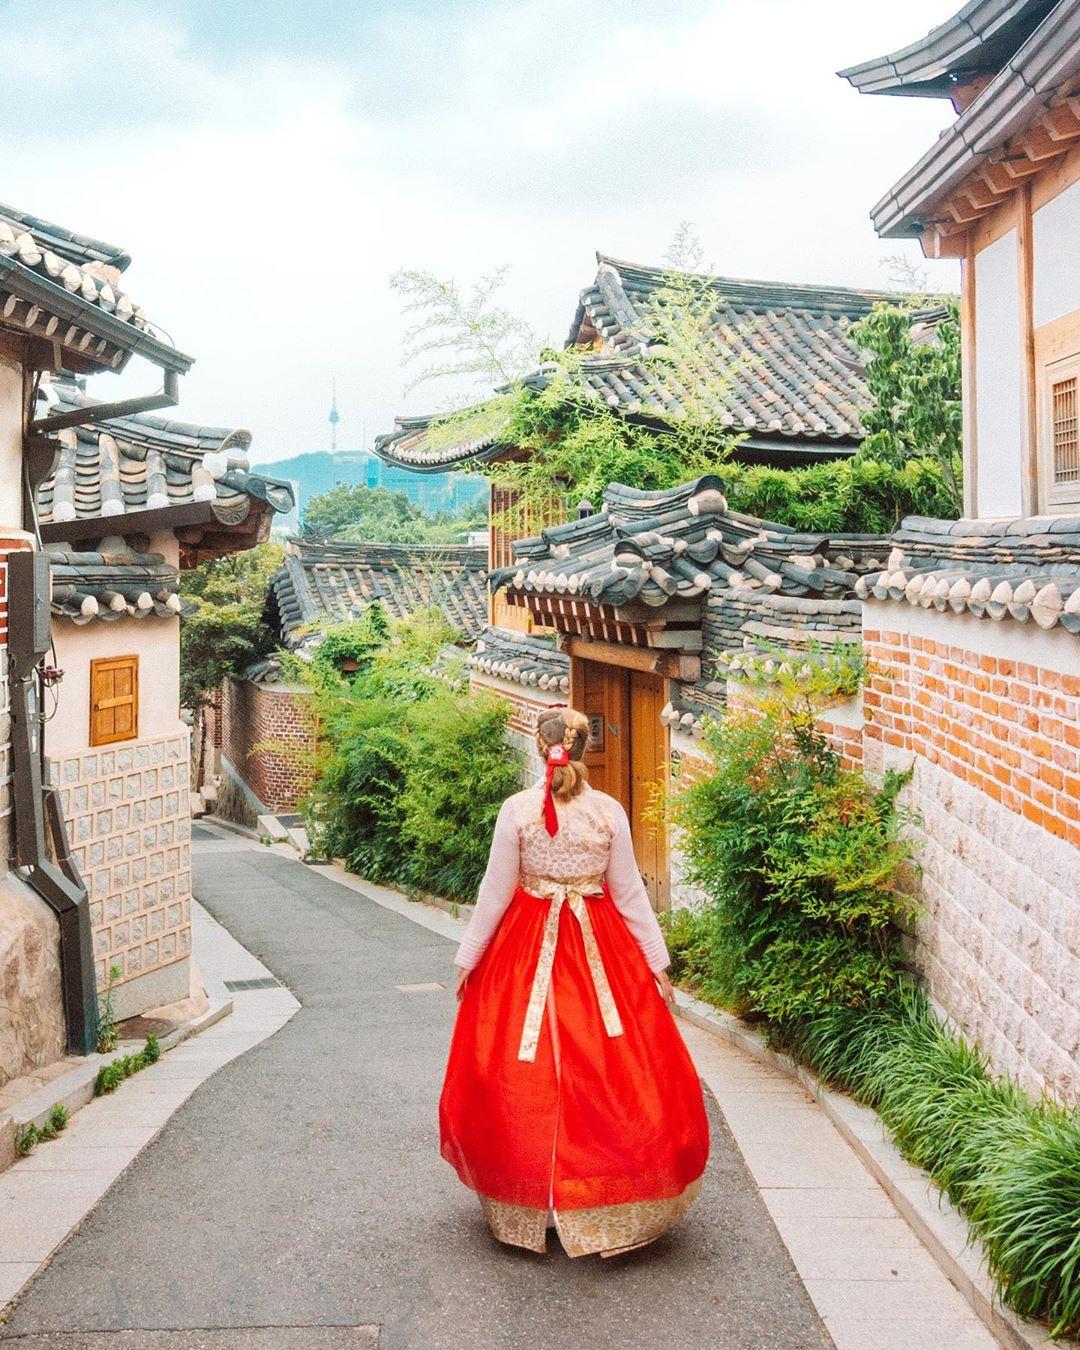 So sánh tour du lịch Hàn Quốc 4 ngày 3 đêm: Chưa tới 9 triệu để khám phá vẻ đẹp Jeju - Ảnh 5.